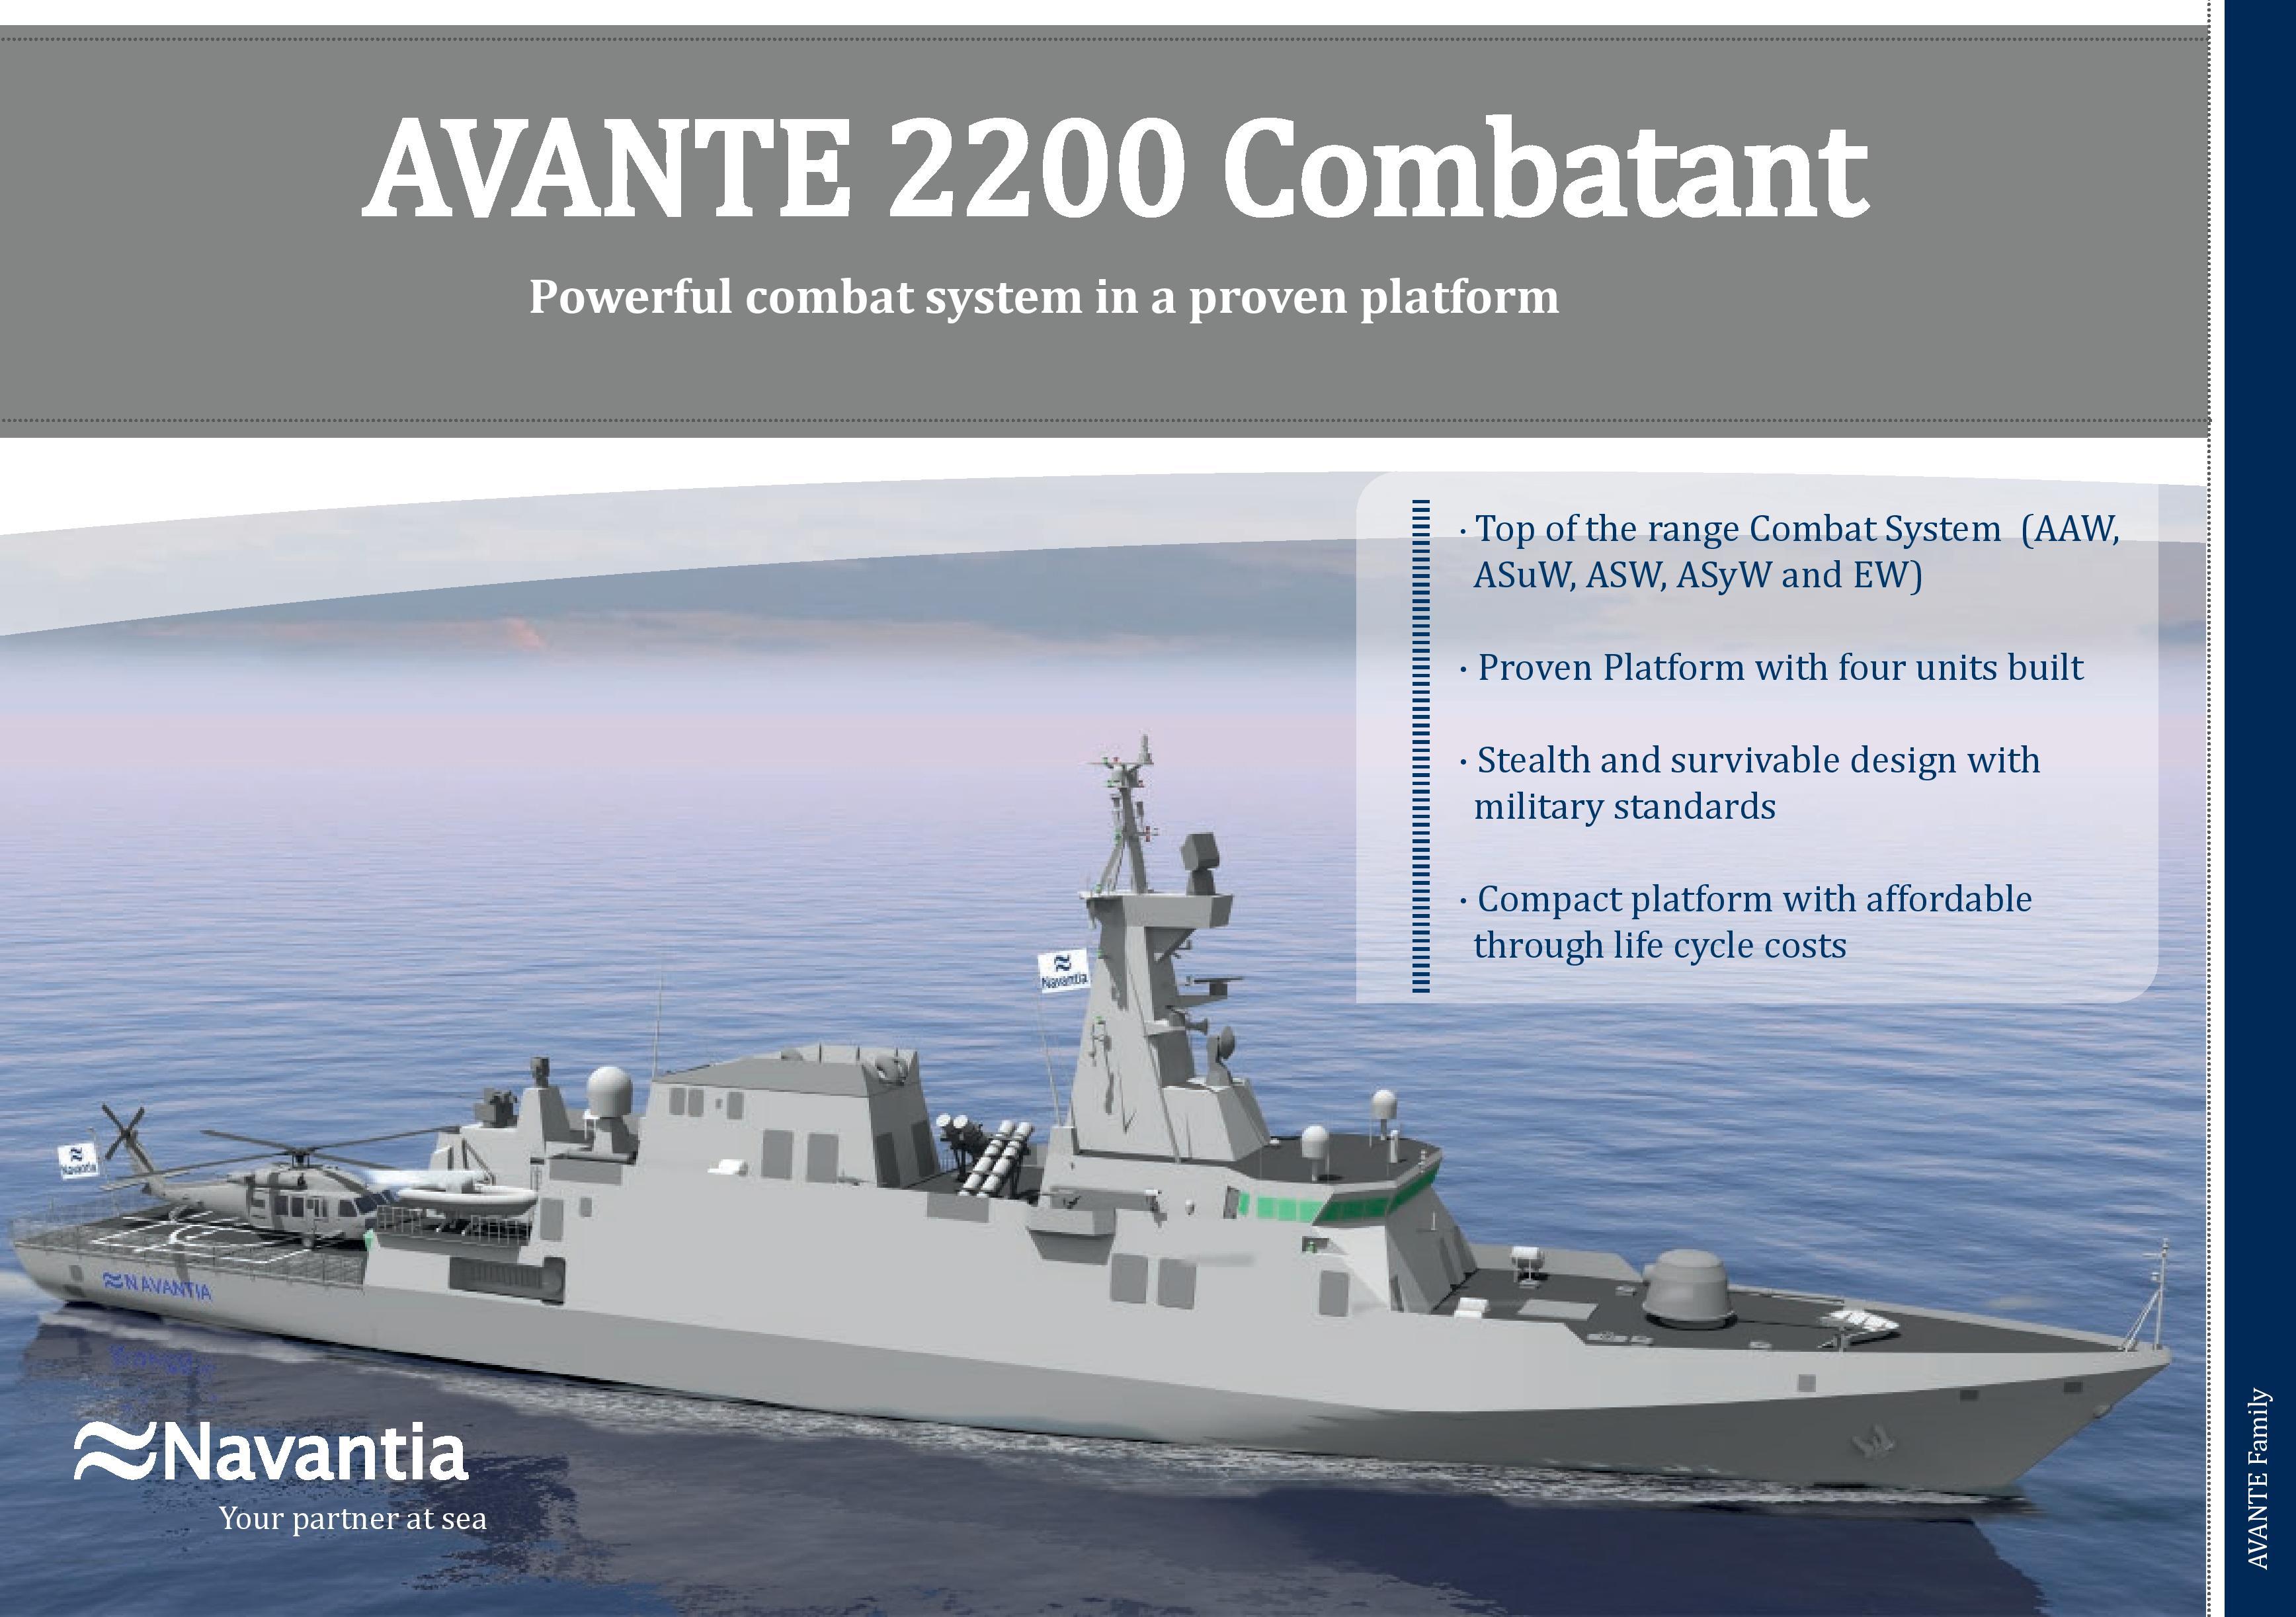 Avante-2200-C-page-001.jpg